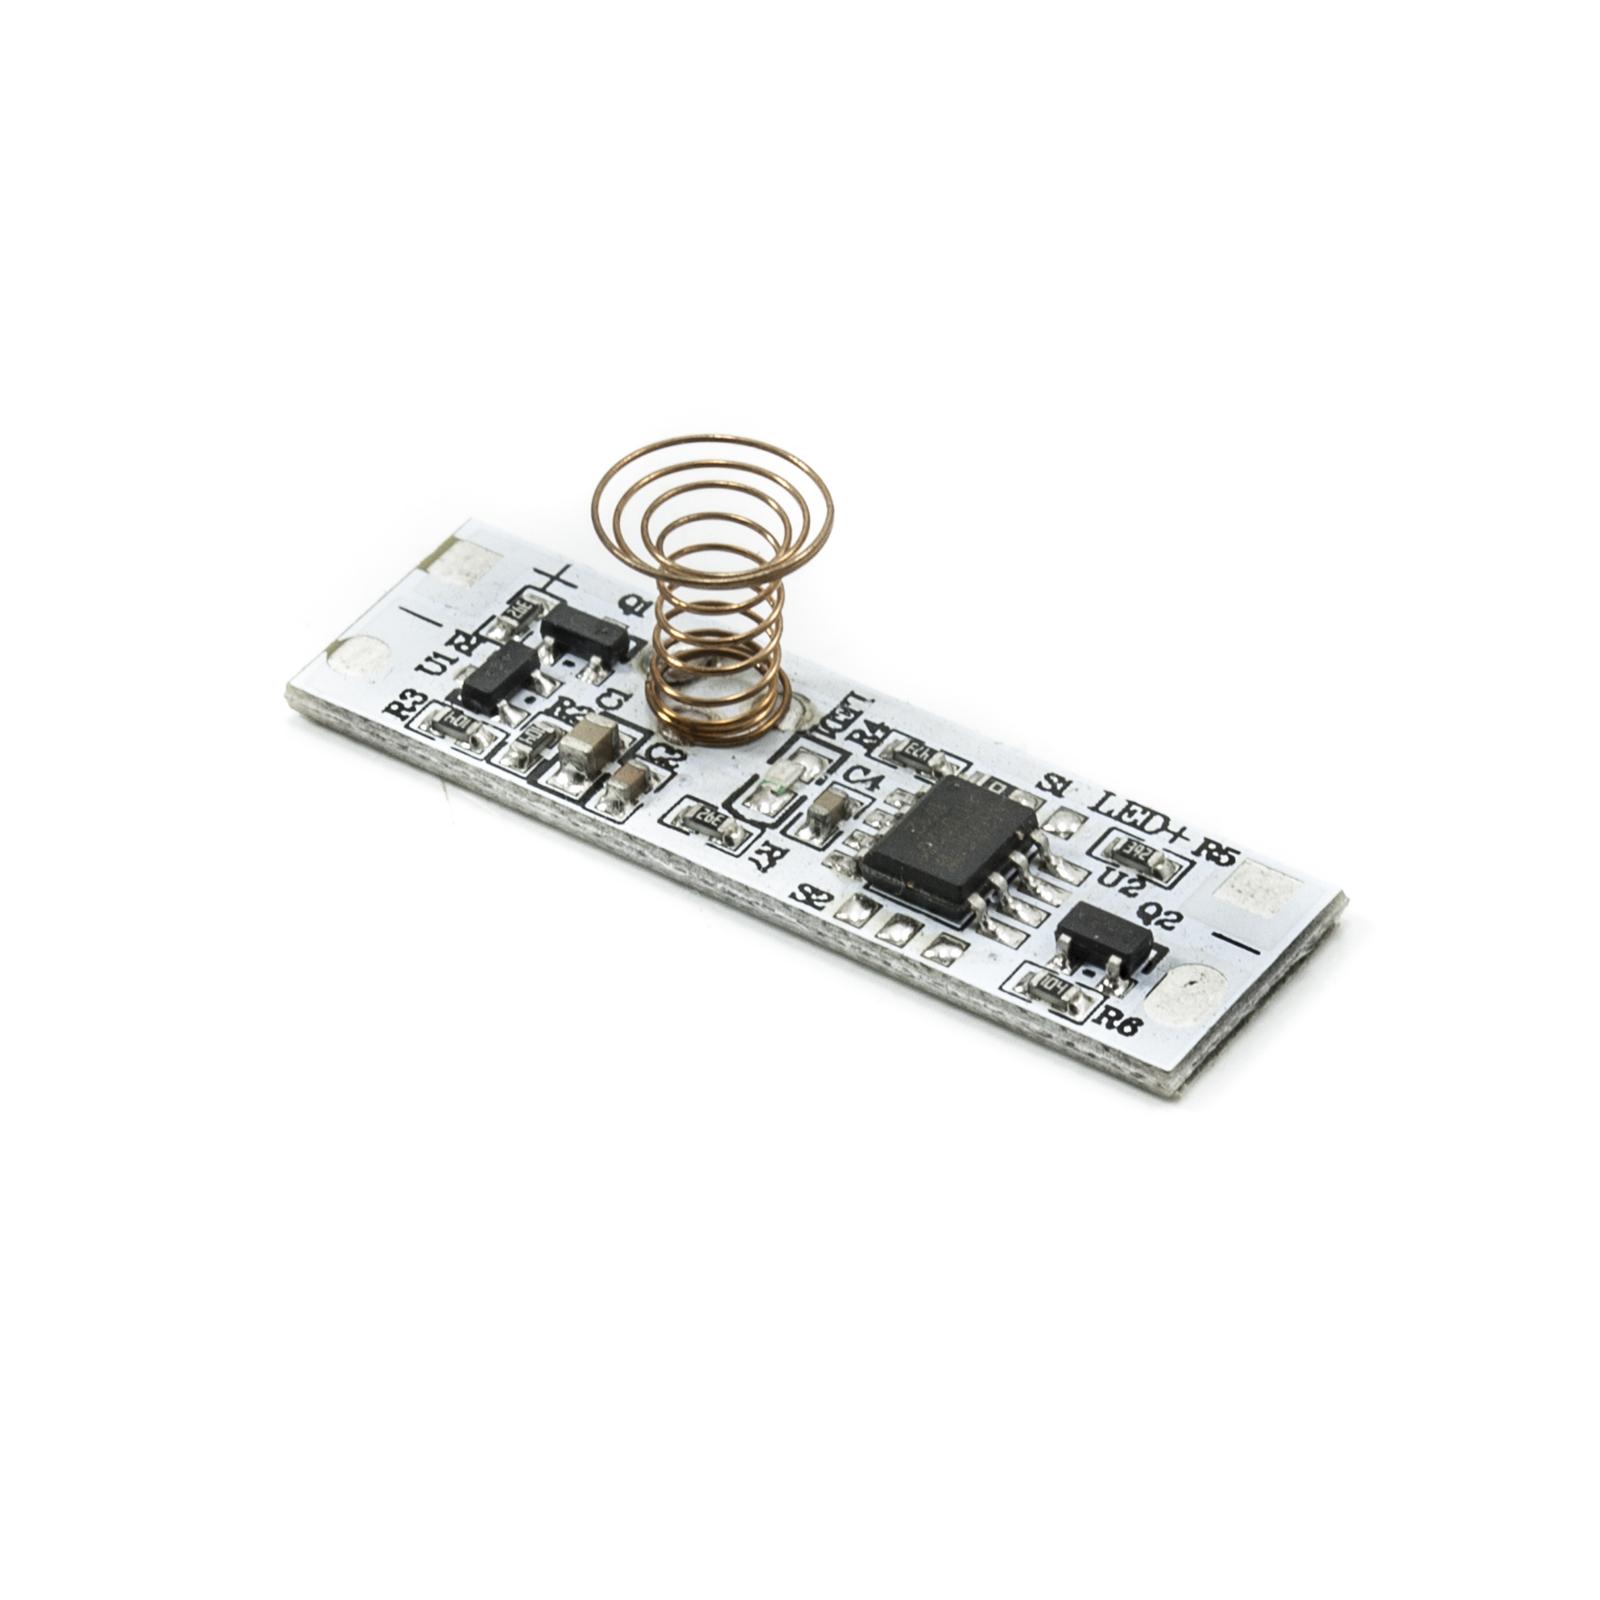 Sensore Per Accendere La Luce.Profili Led Sottopensile Prova Sito Touch Sensor Per Strip